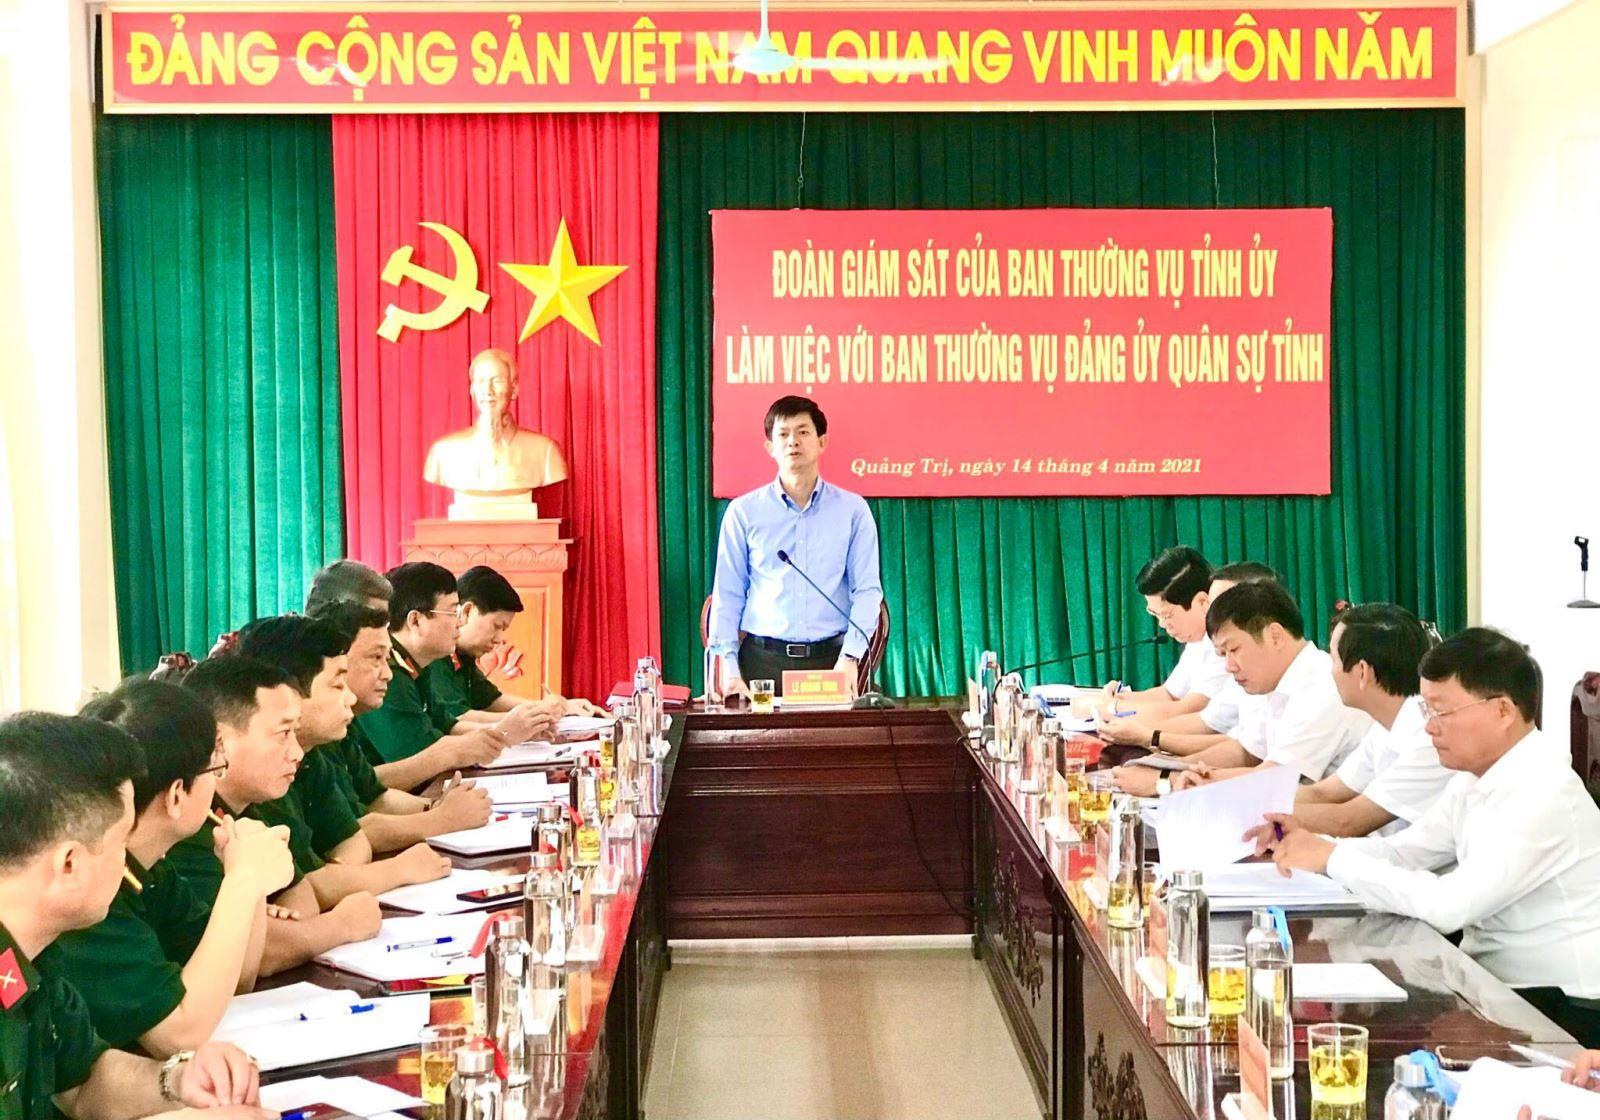 Đoàn giám sát của BTV Tỉnh ủy làm việc với BTV Đảng ủy Quân sự tỉnh và BTV Huyện ủy Gio Linh và  Đakrông